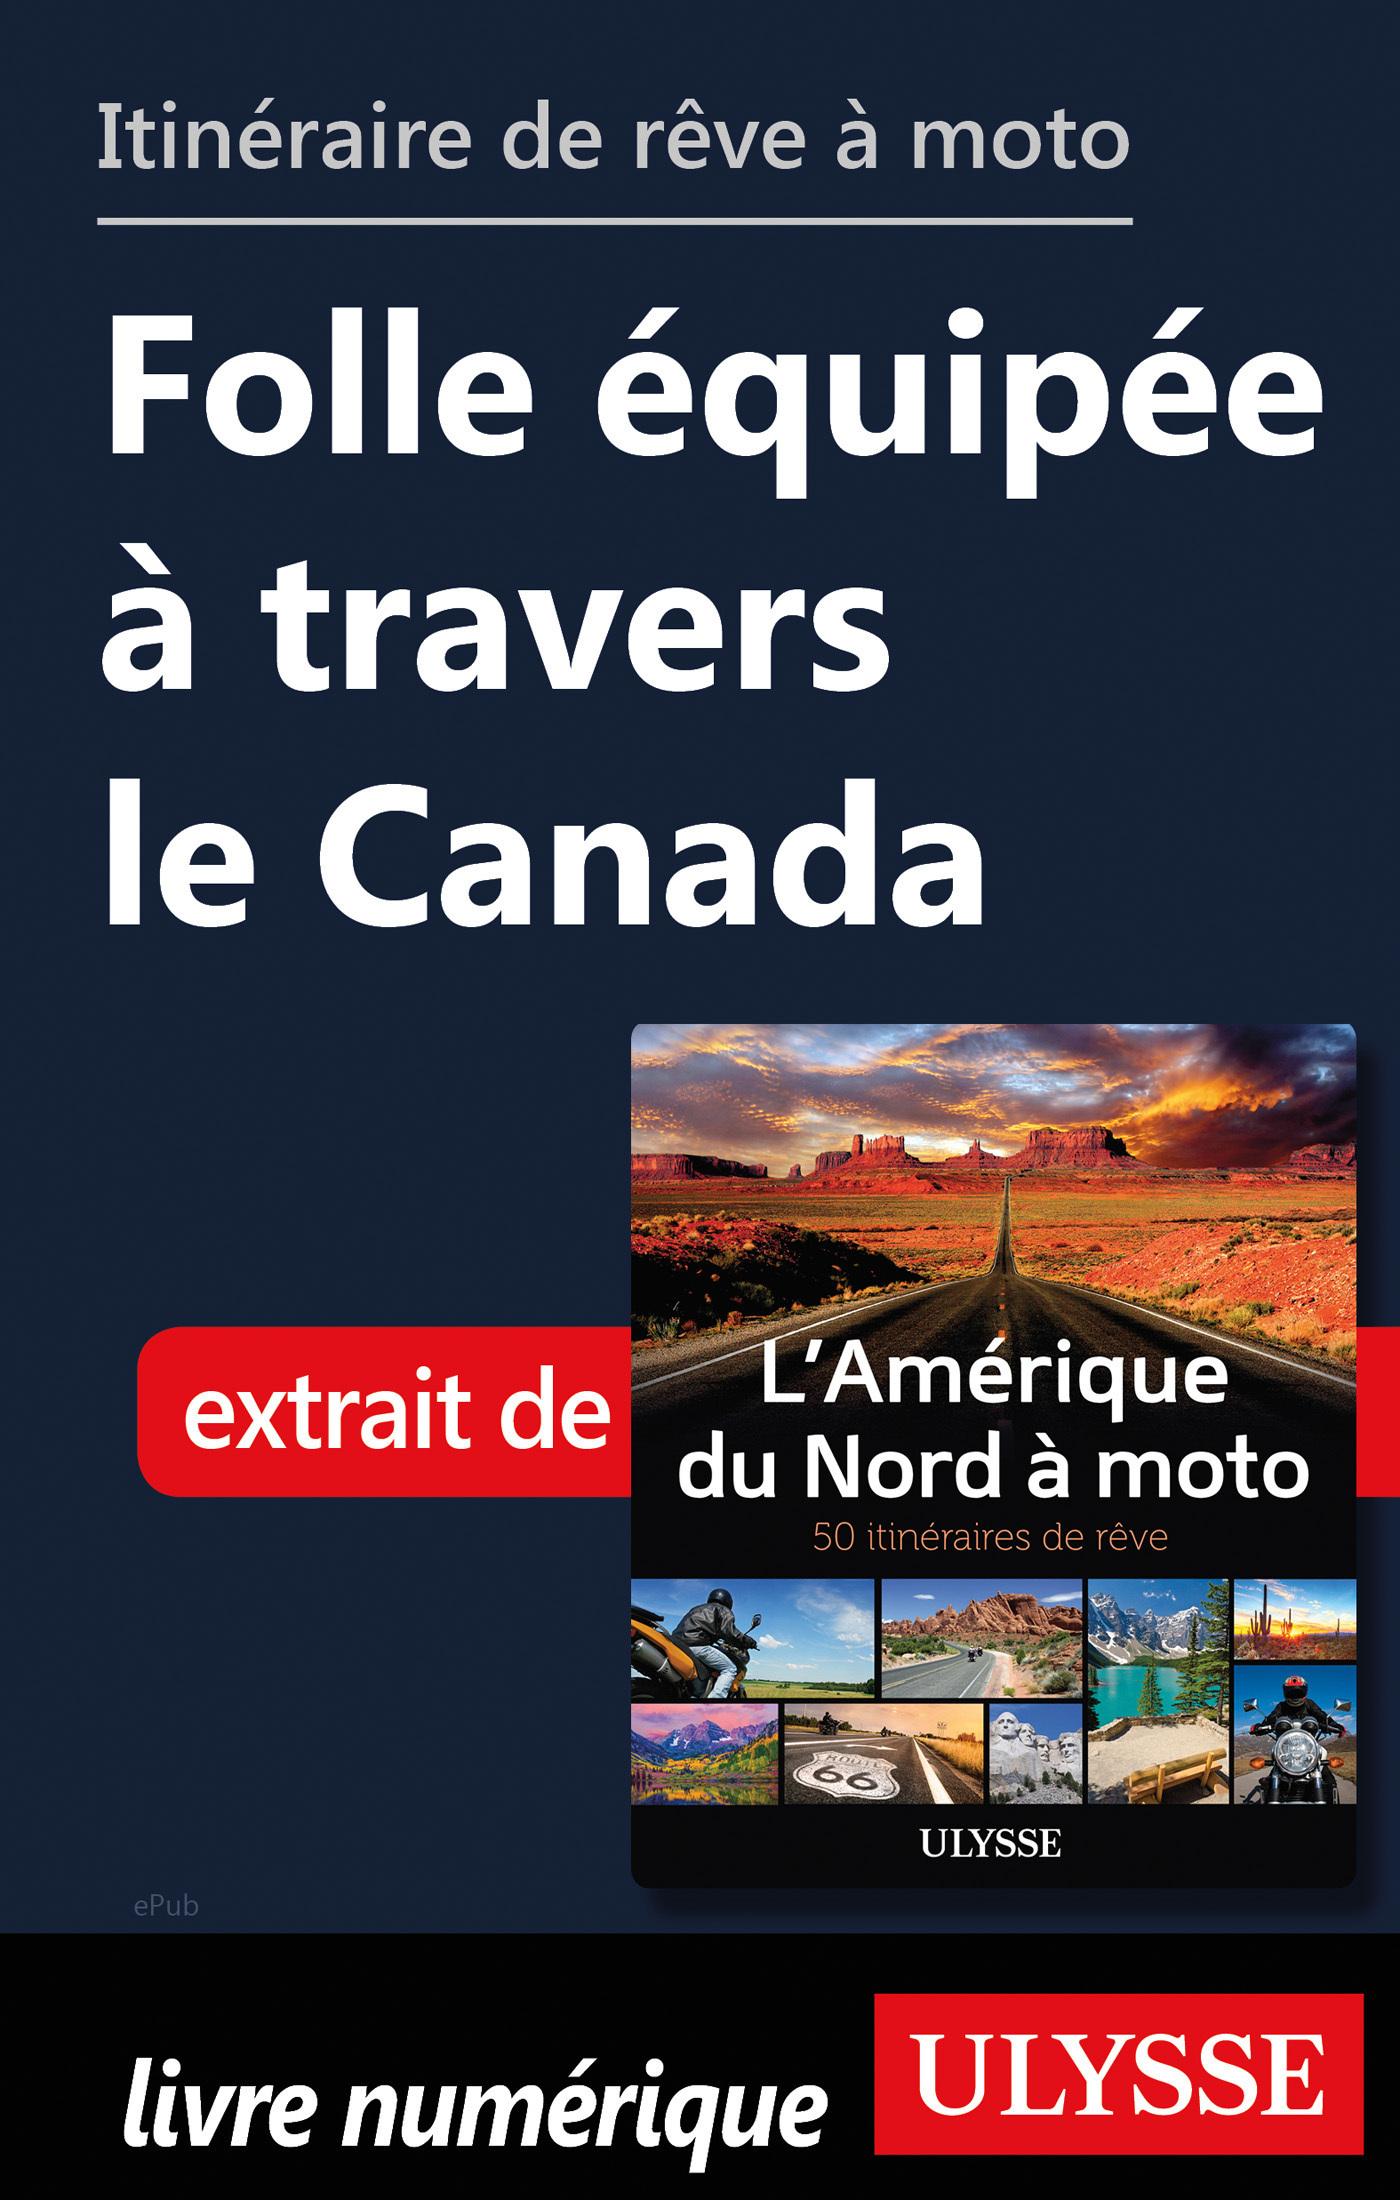 Itinéraire de rêve à moto - Folle équipée à travers le Canada